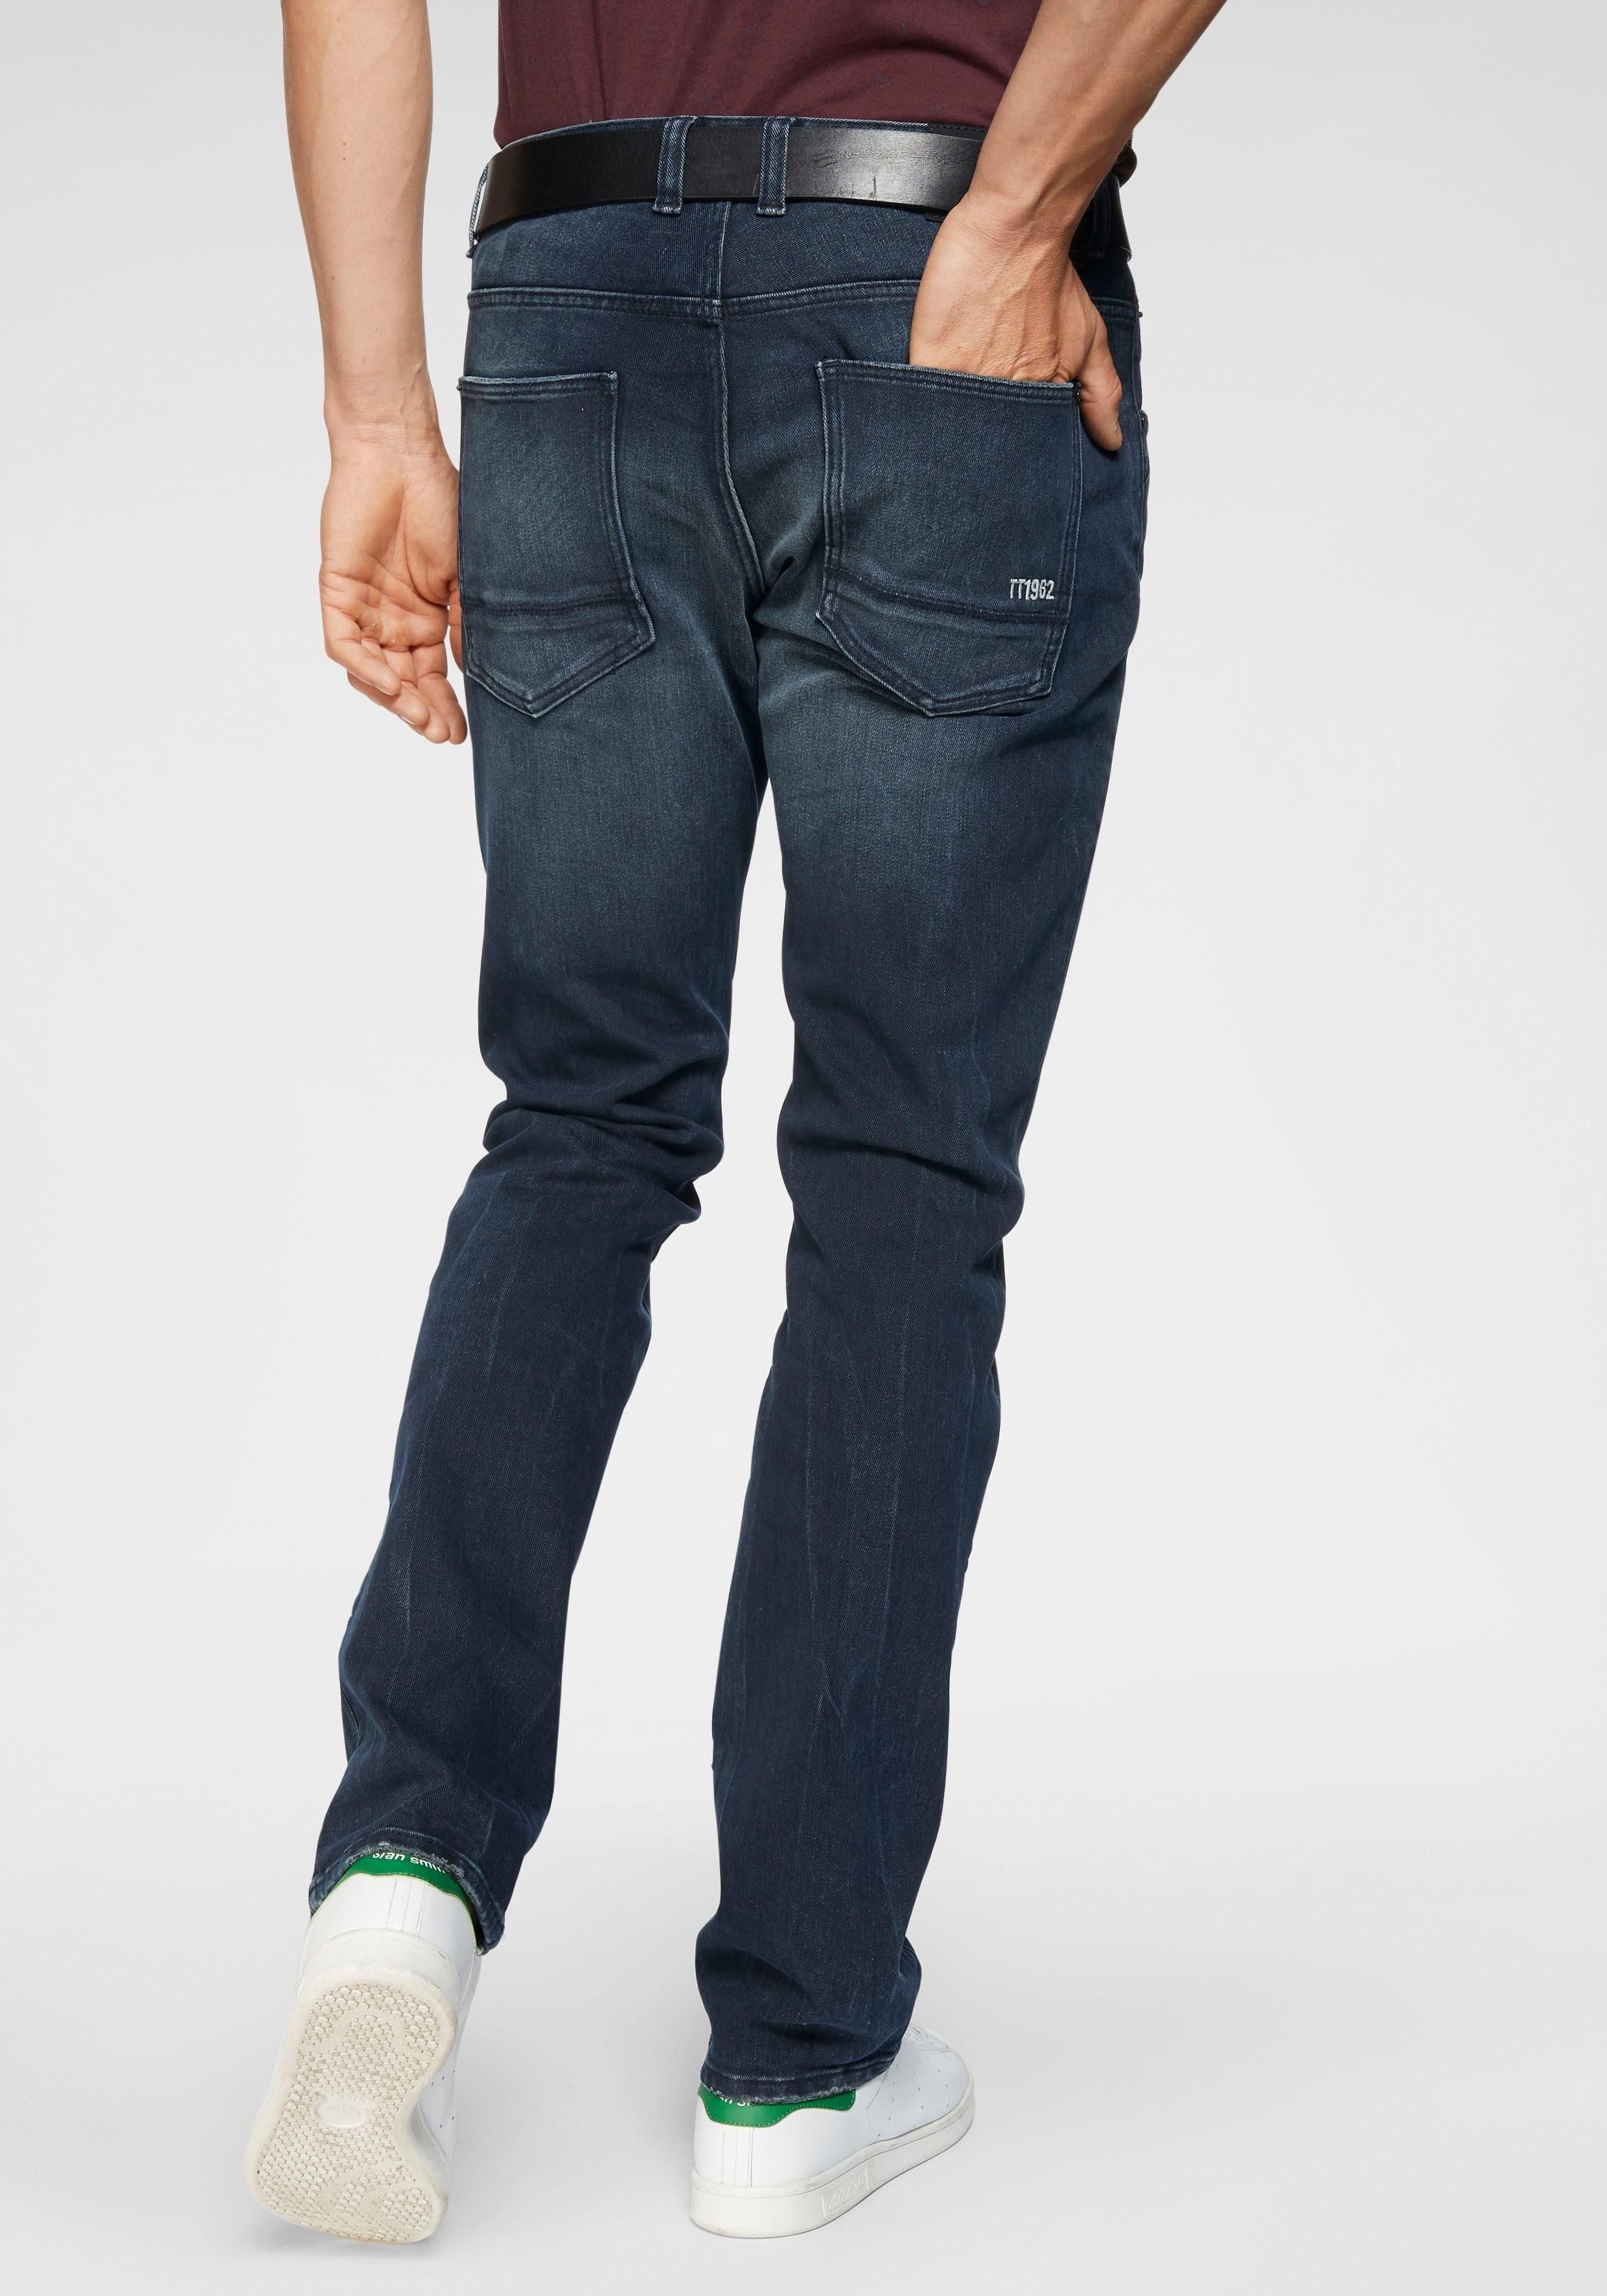 TOM TAILOR 5 Pocket Jeans »Josh«, Five Pocket Jeans von Tom Tailor online kaufen | OTTO